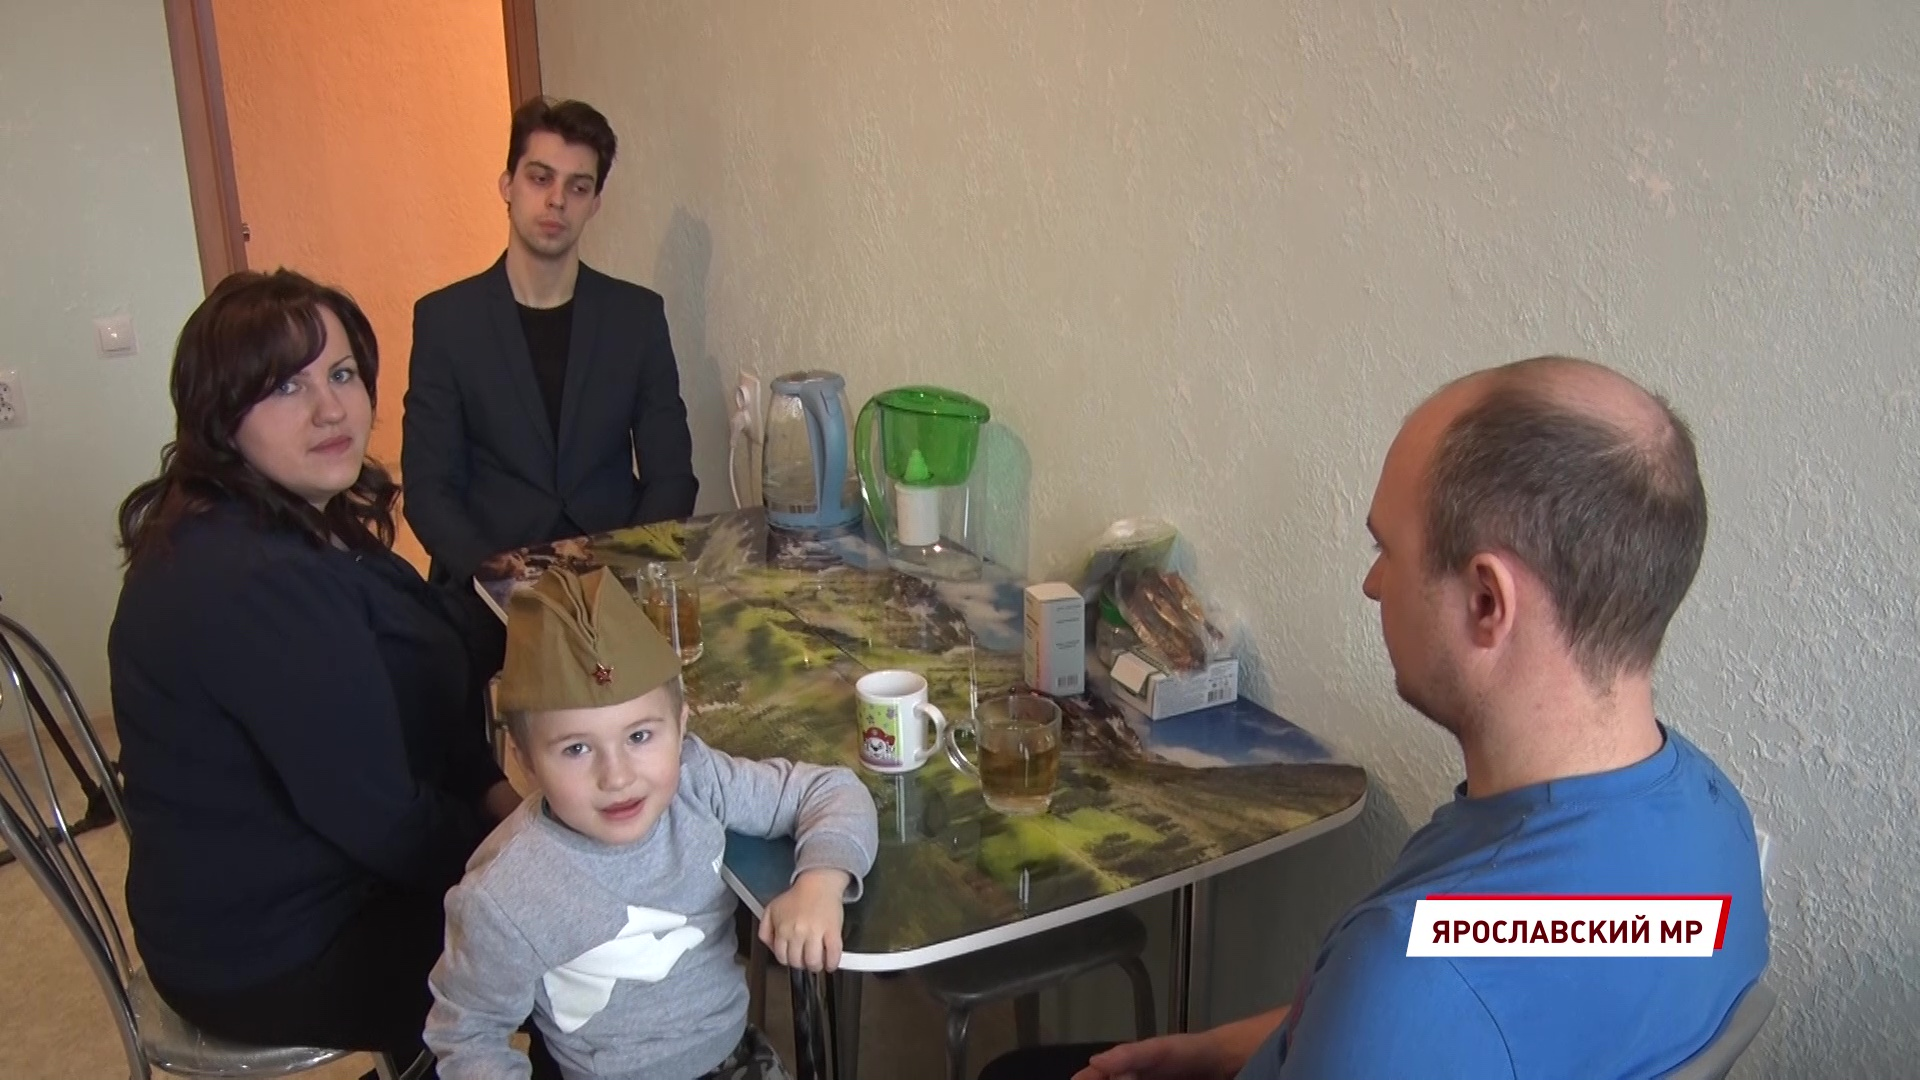 Ярославна, оставшаяся в детстве без попечения родителей, получила долгожданную квартиру